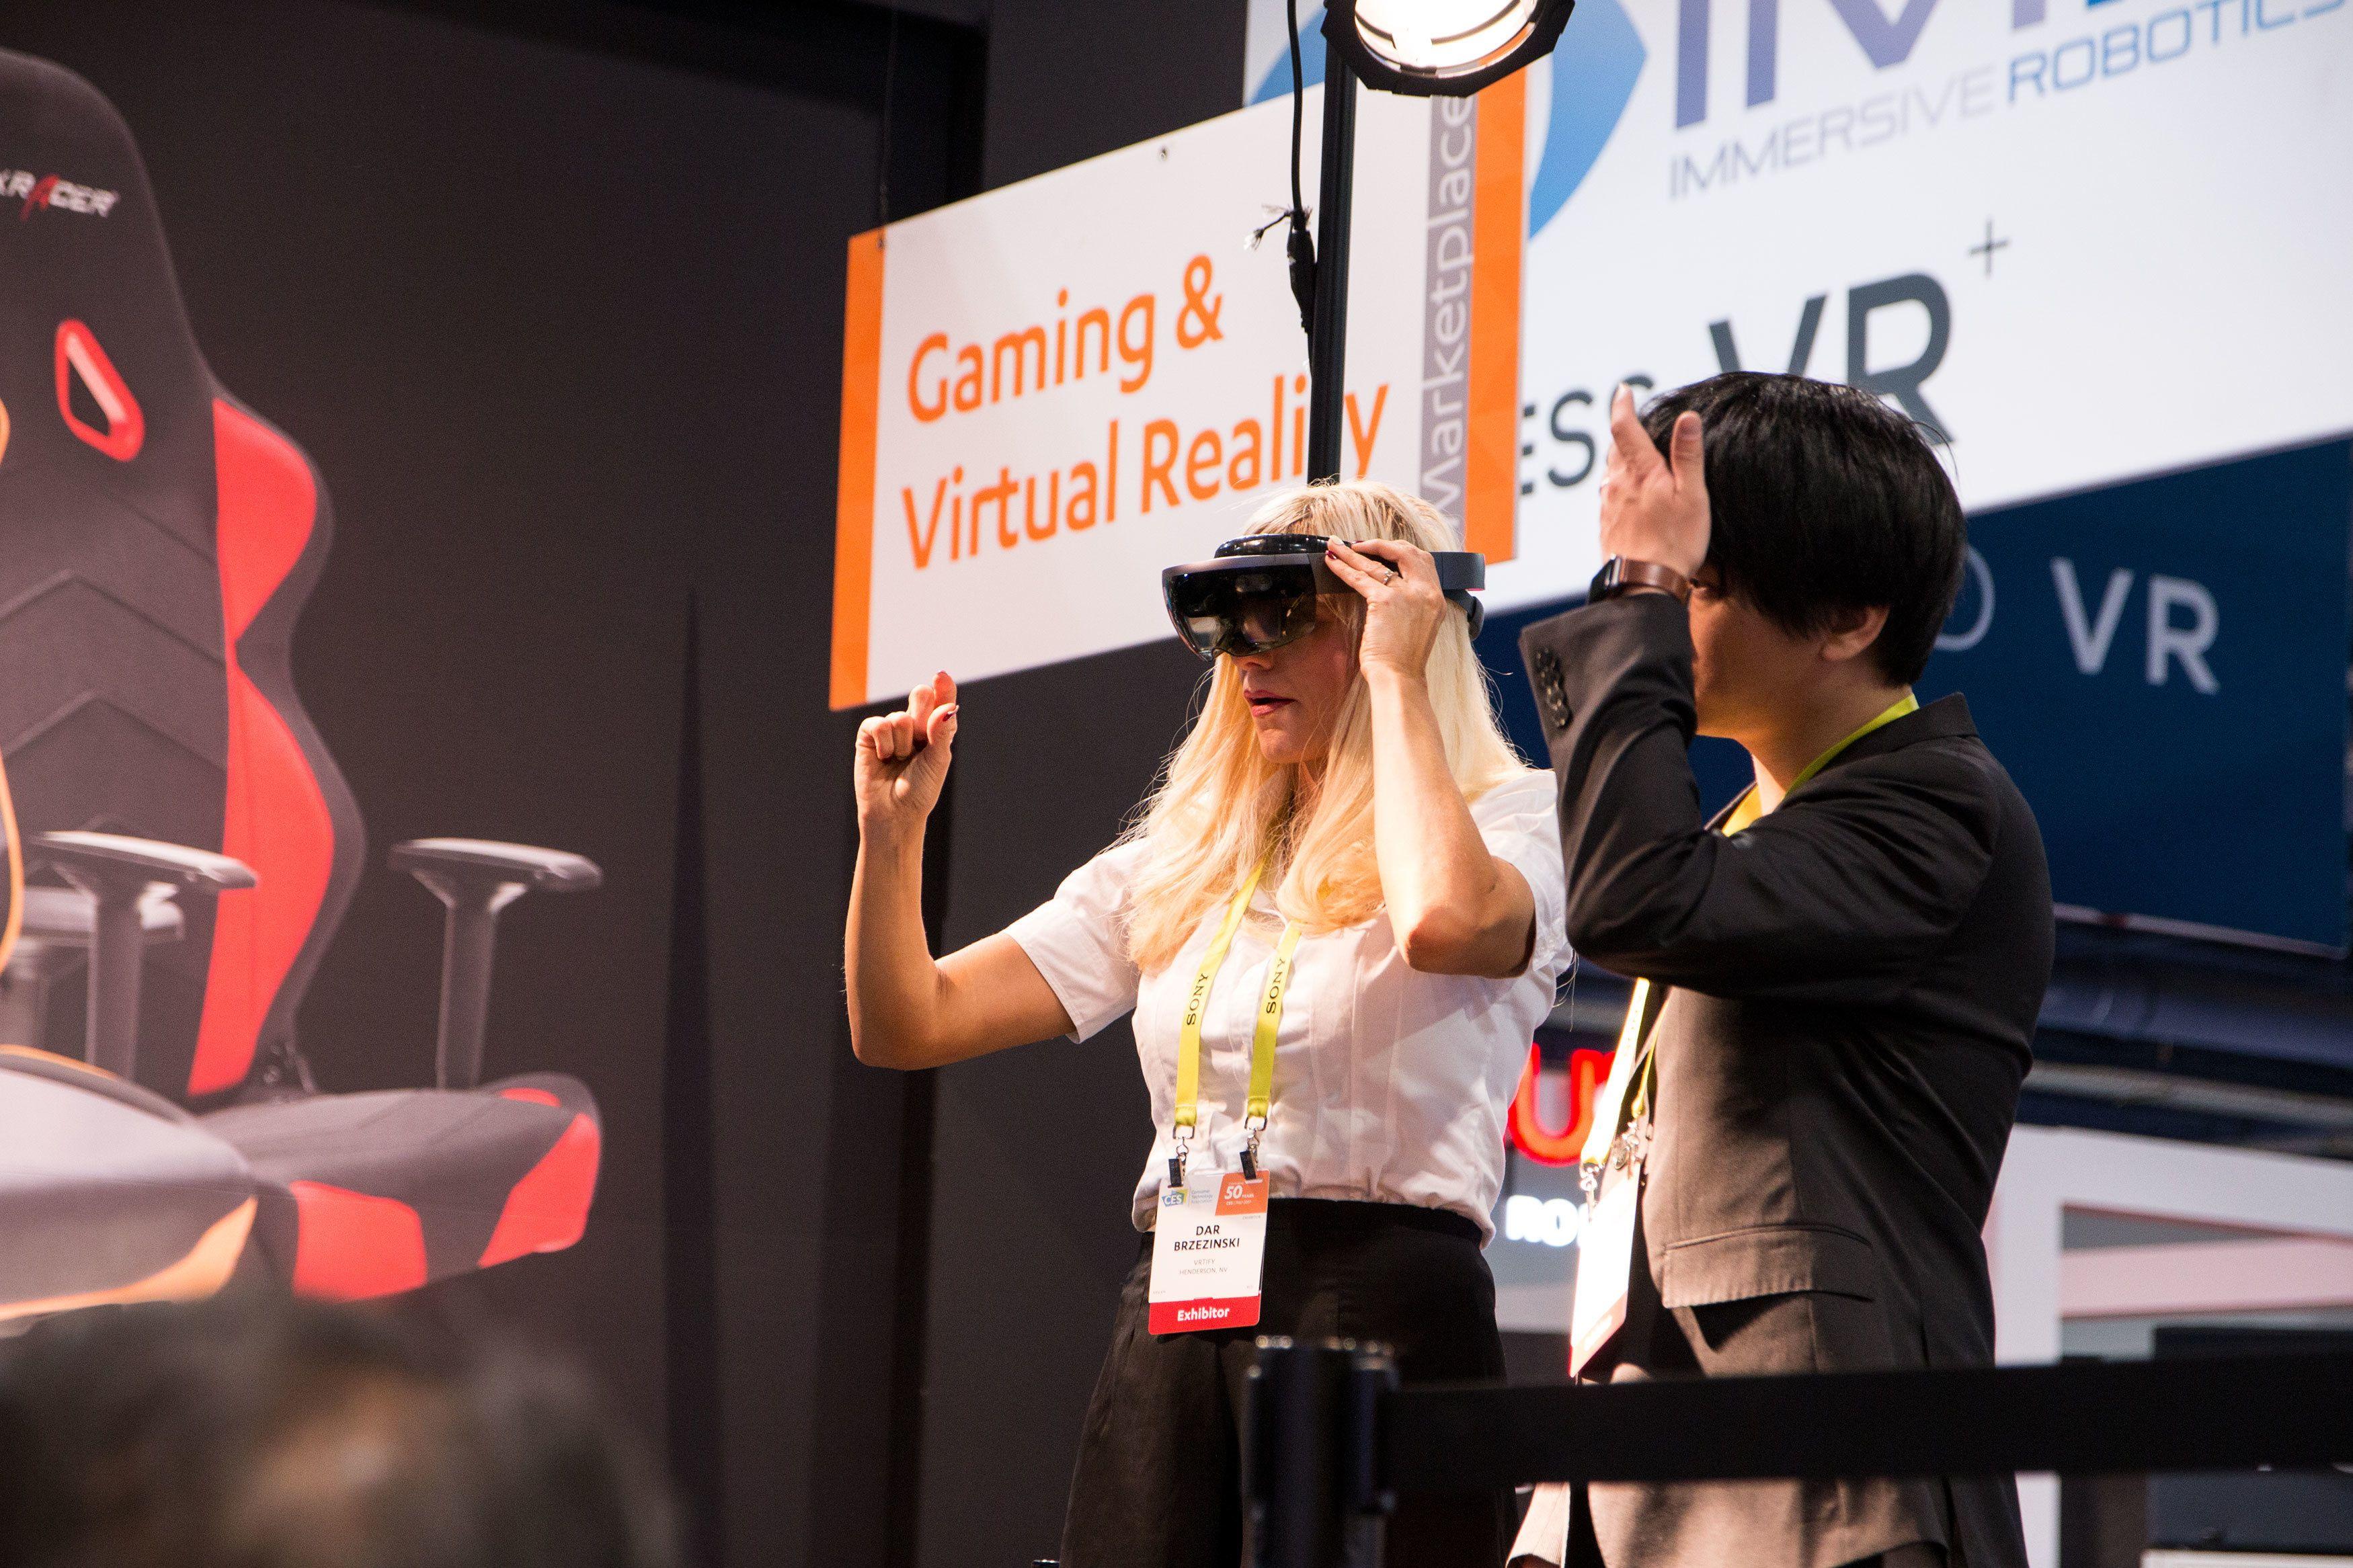 Virtuell- og utvidet virkelighet vil bare bli større og større i tiden fremover.